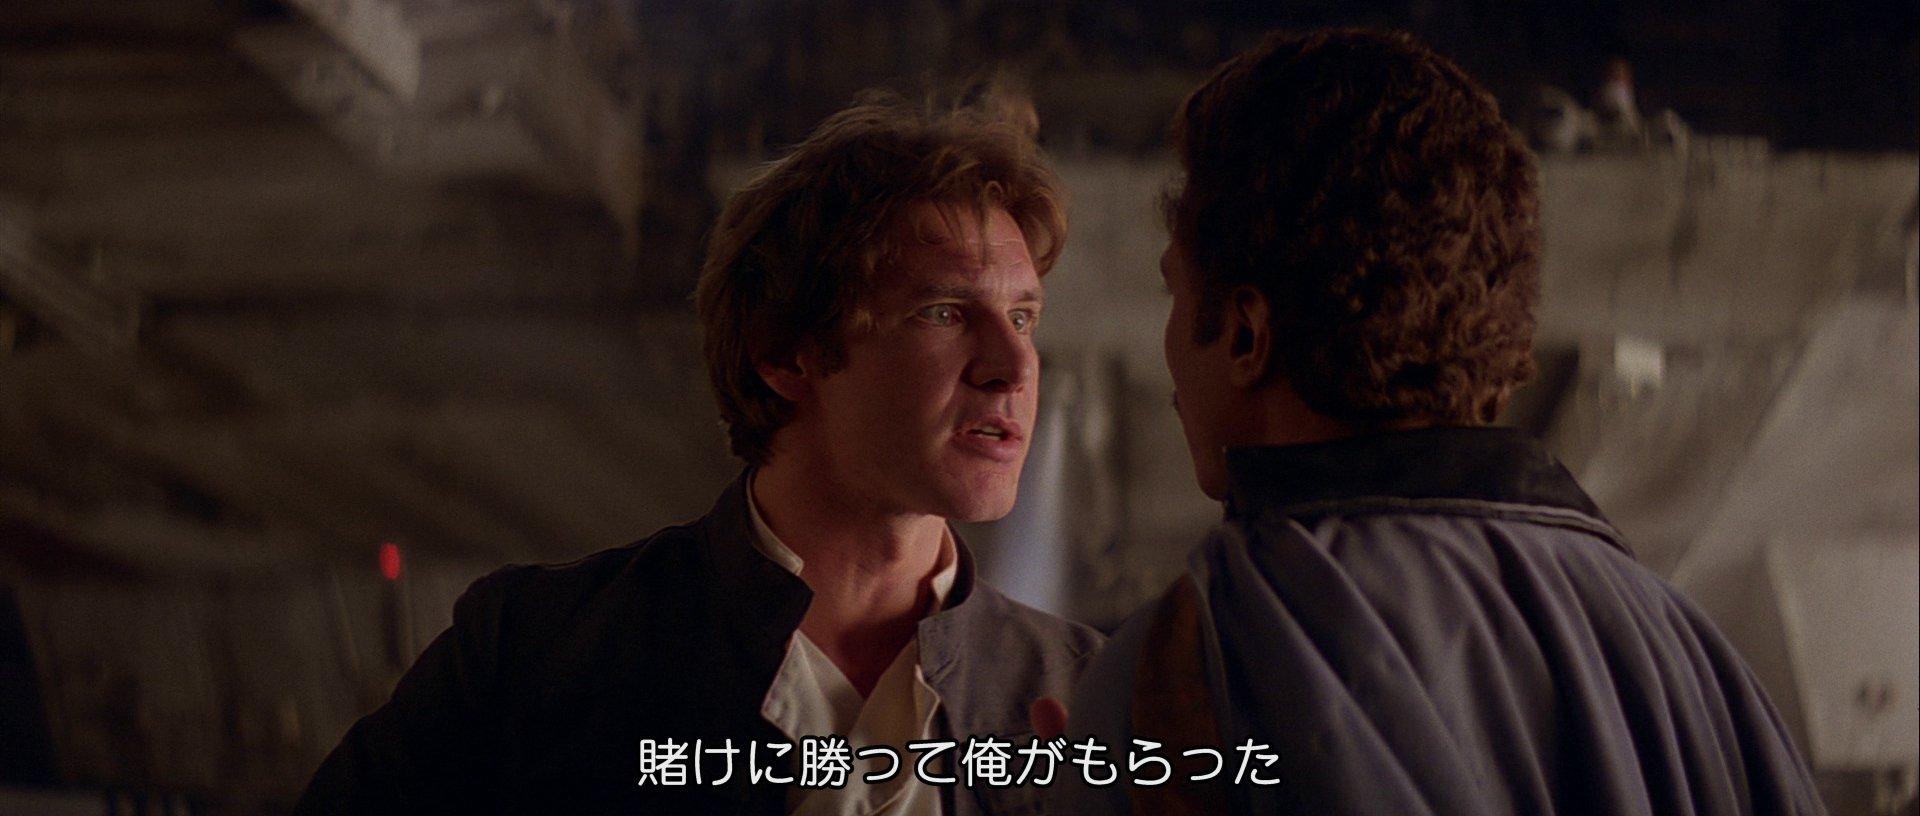 『帝国の逆襲』より 賭けでファルコンを